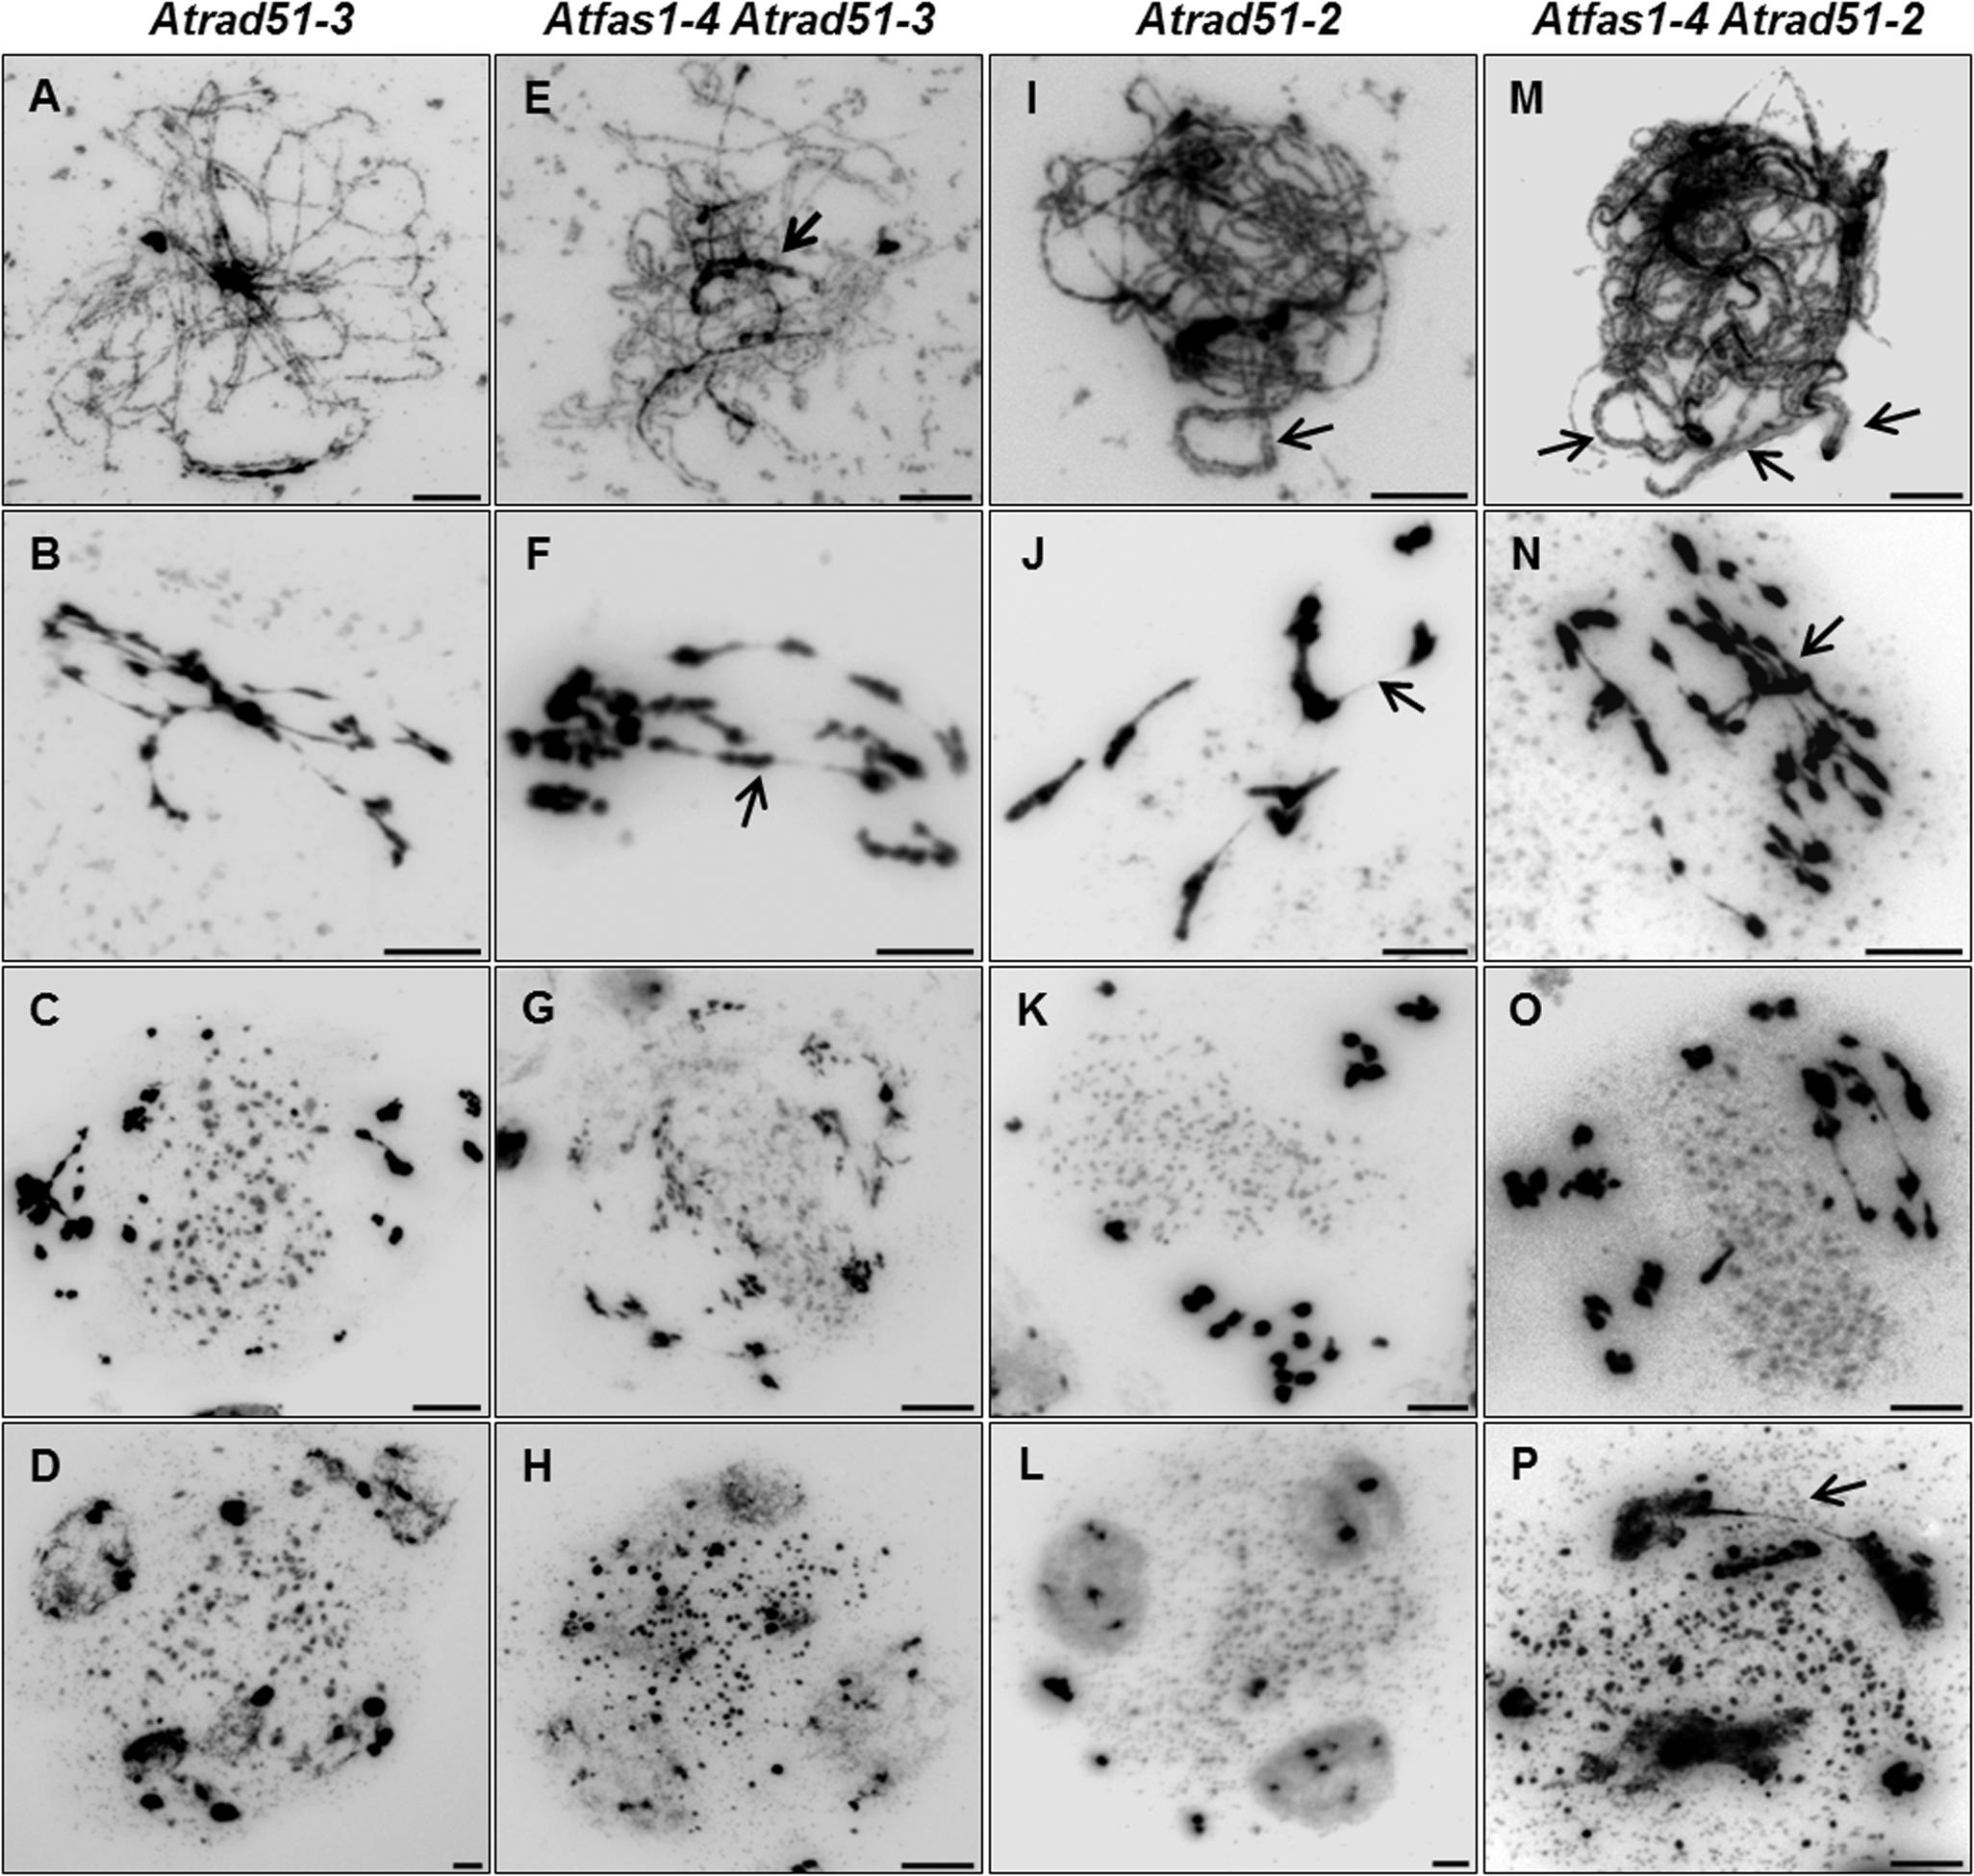 <i>Atfas1-4 Atrad51</i> genetic analysis. (A-D) <i>Atrad51-3</i> KO mutant plants.